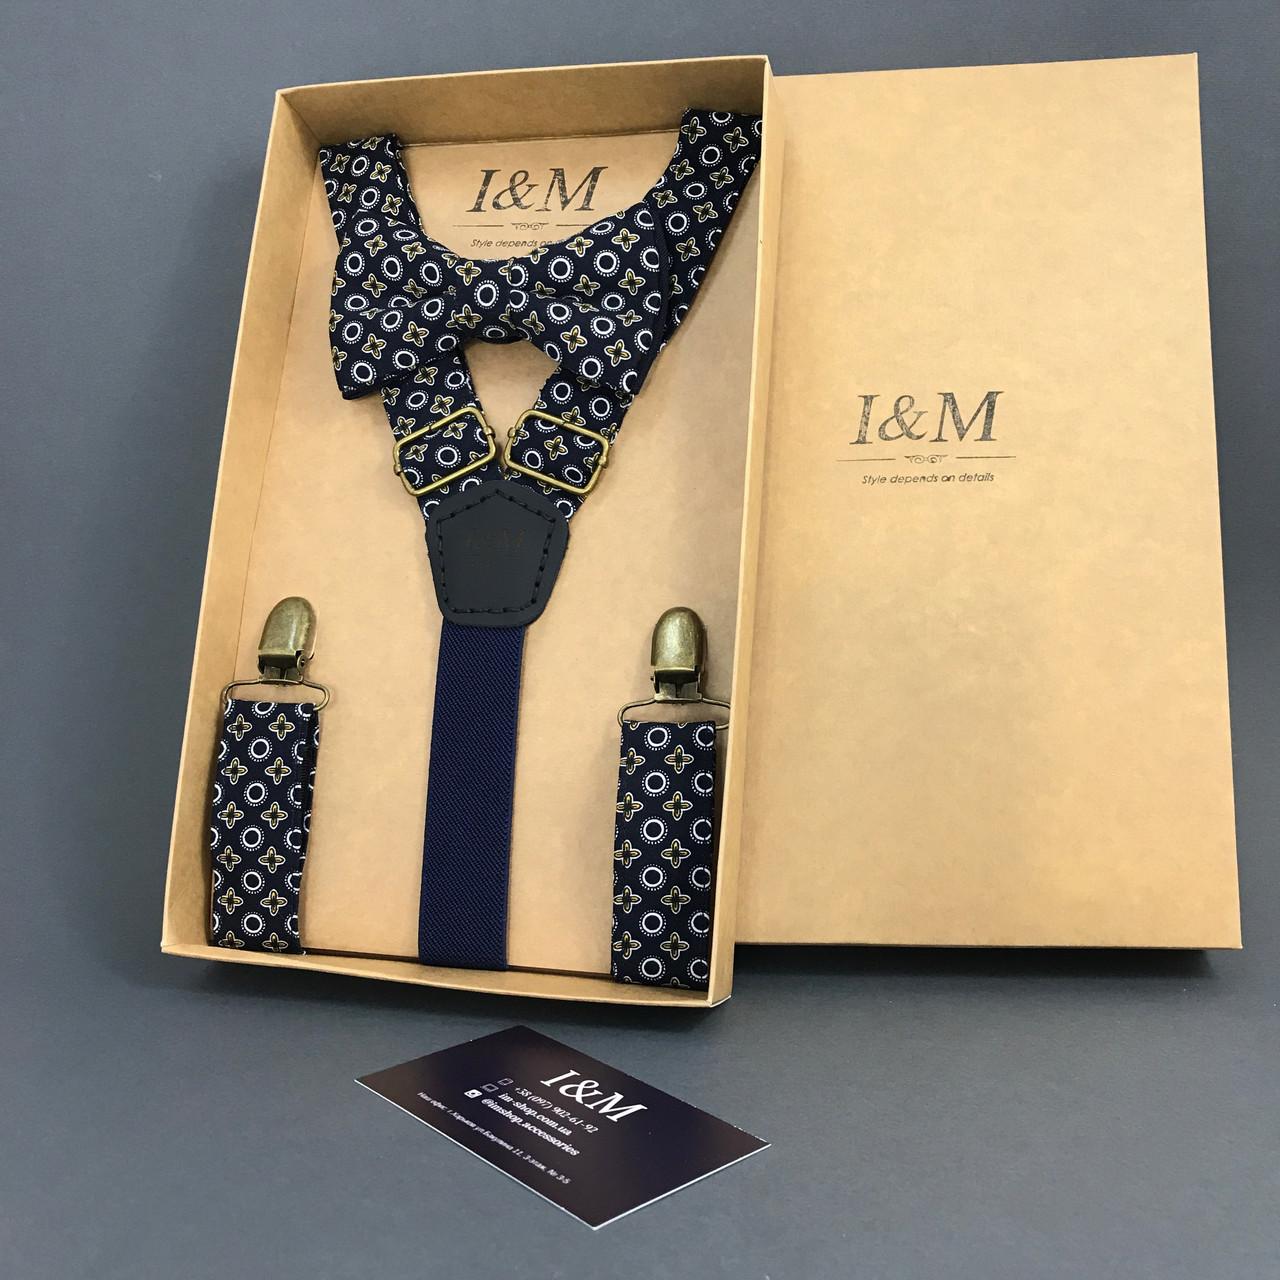 Набор I&M Craft галстук-бабочка и подтяжки для брюк синий с принтом(030268)